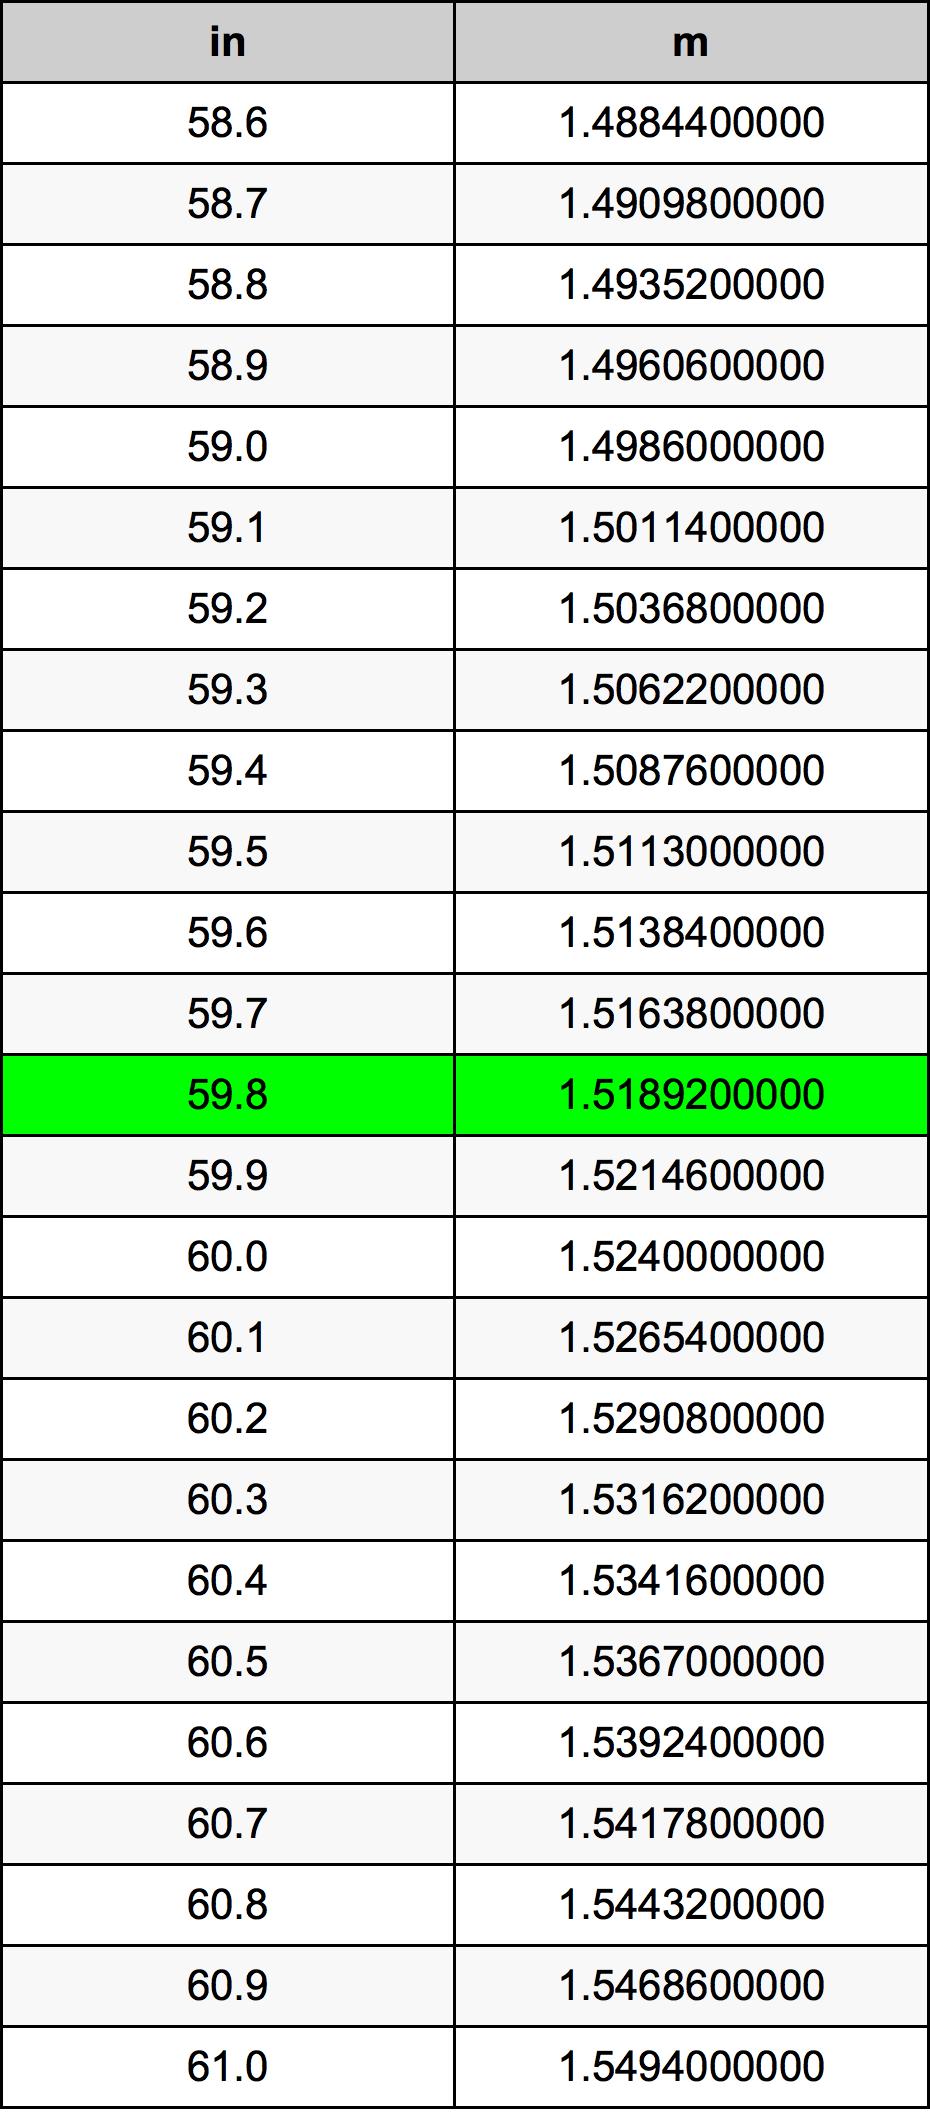 59.8 Pulzier konverżjoni tabella